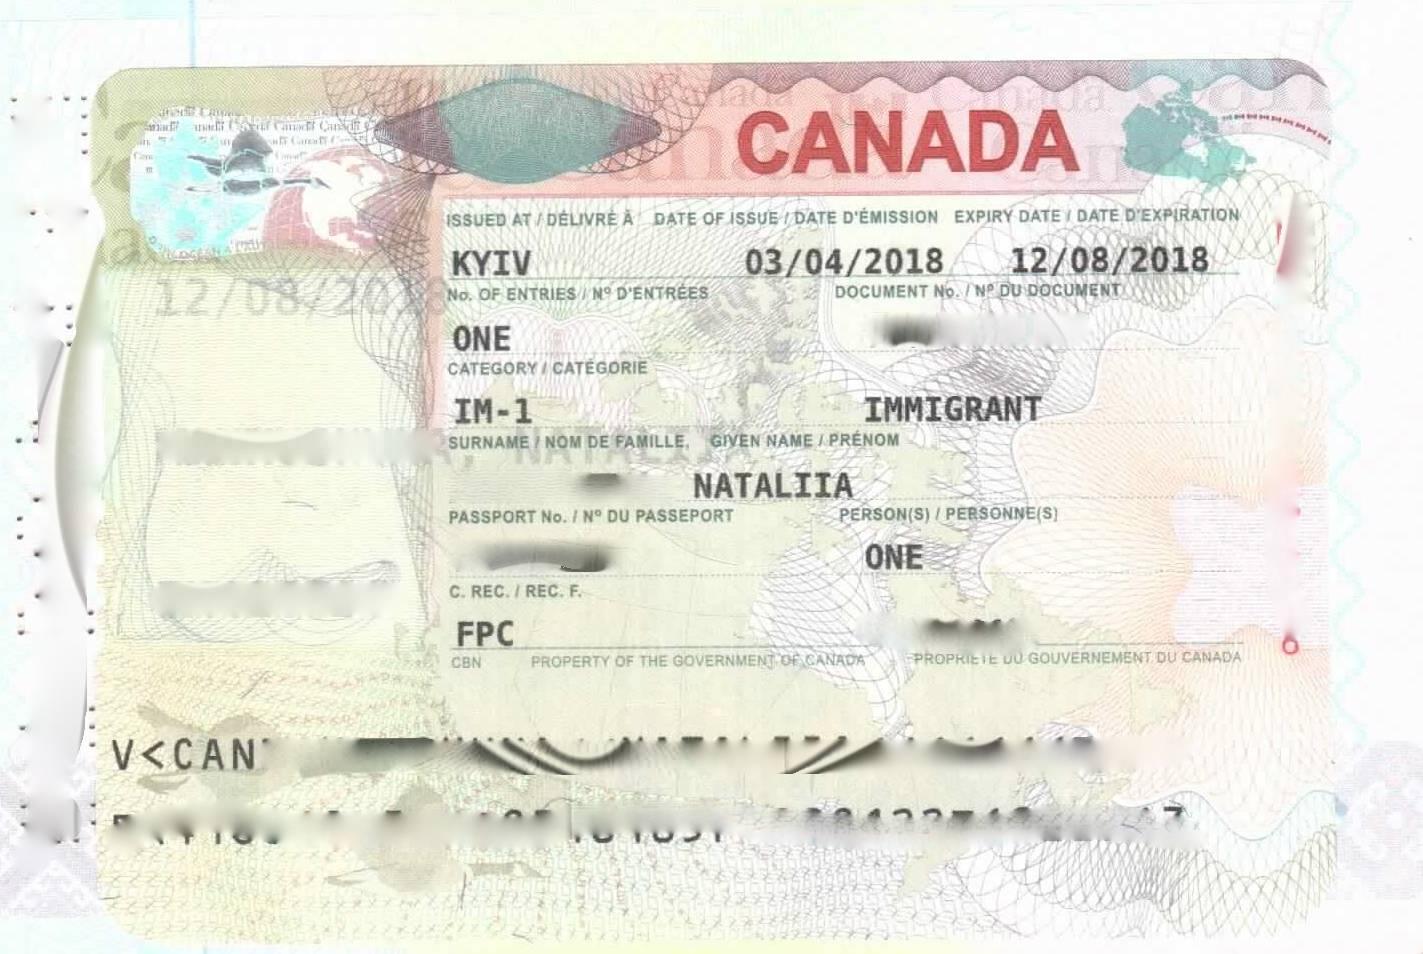 Виза в канаду для россиян в 2021 году, как получить канадскую визу самостоятельно